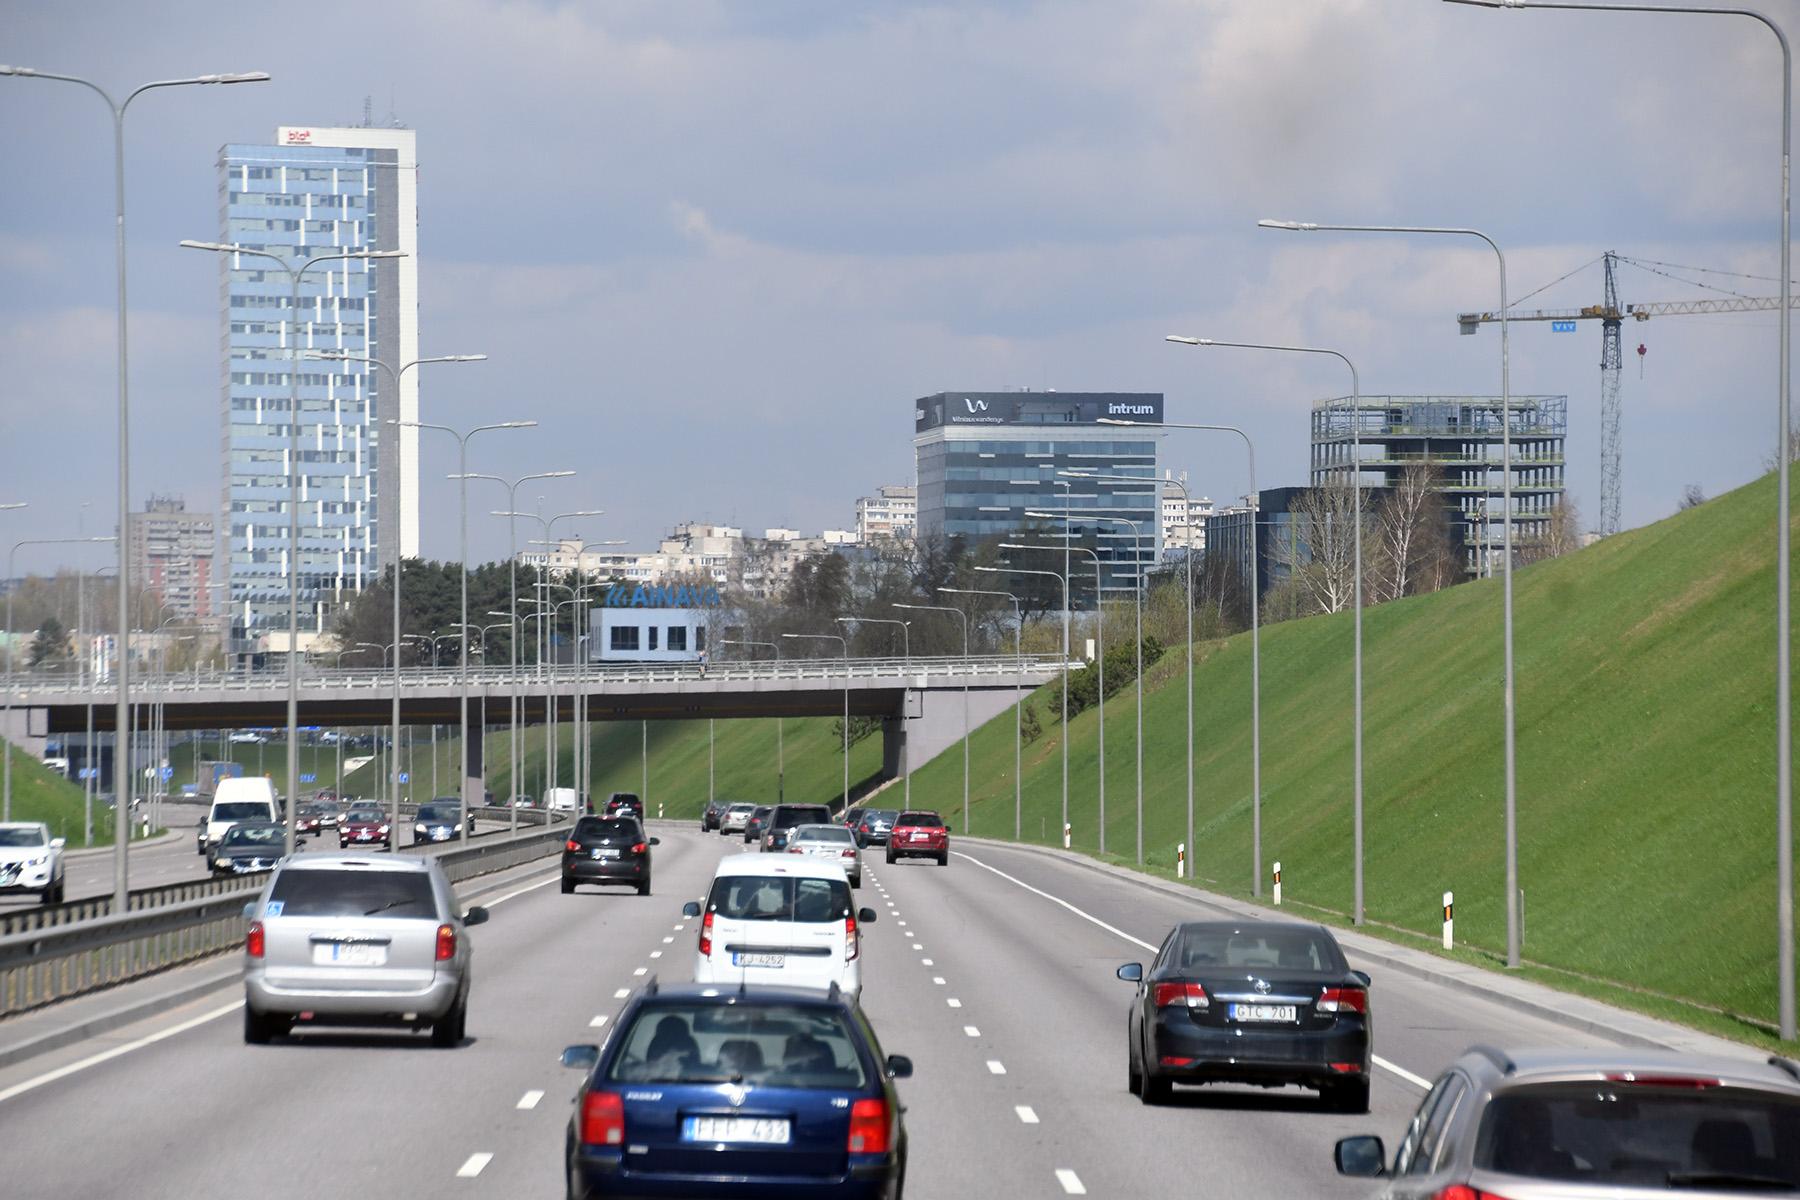 Vilnius vaadatuna läbi bussiakna. Foto: Urmas Saard /  Külauudised